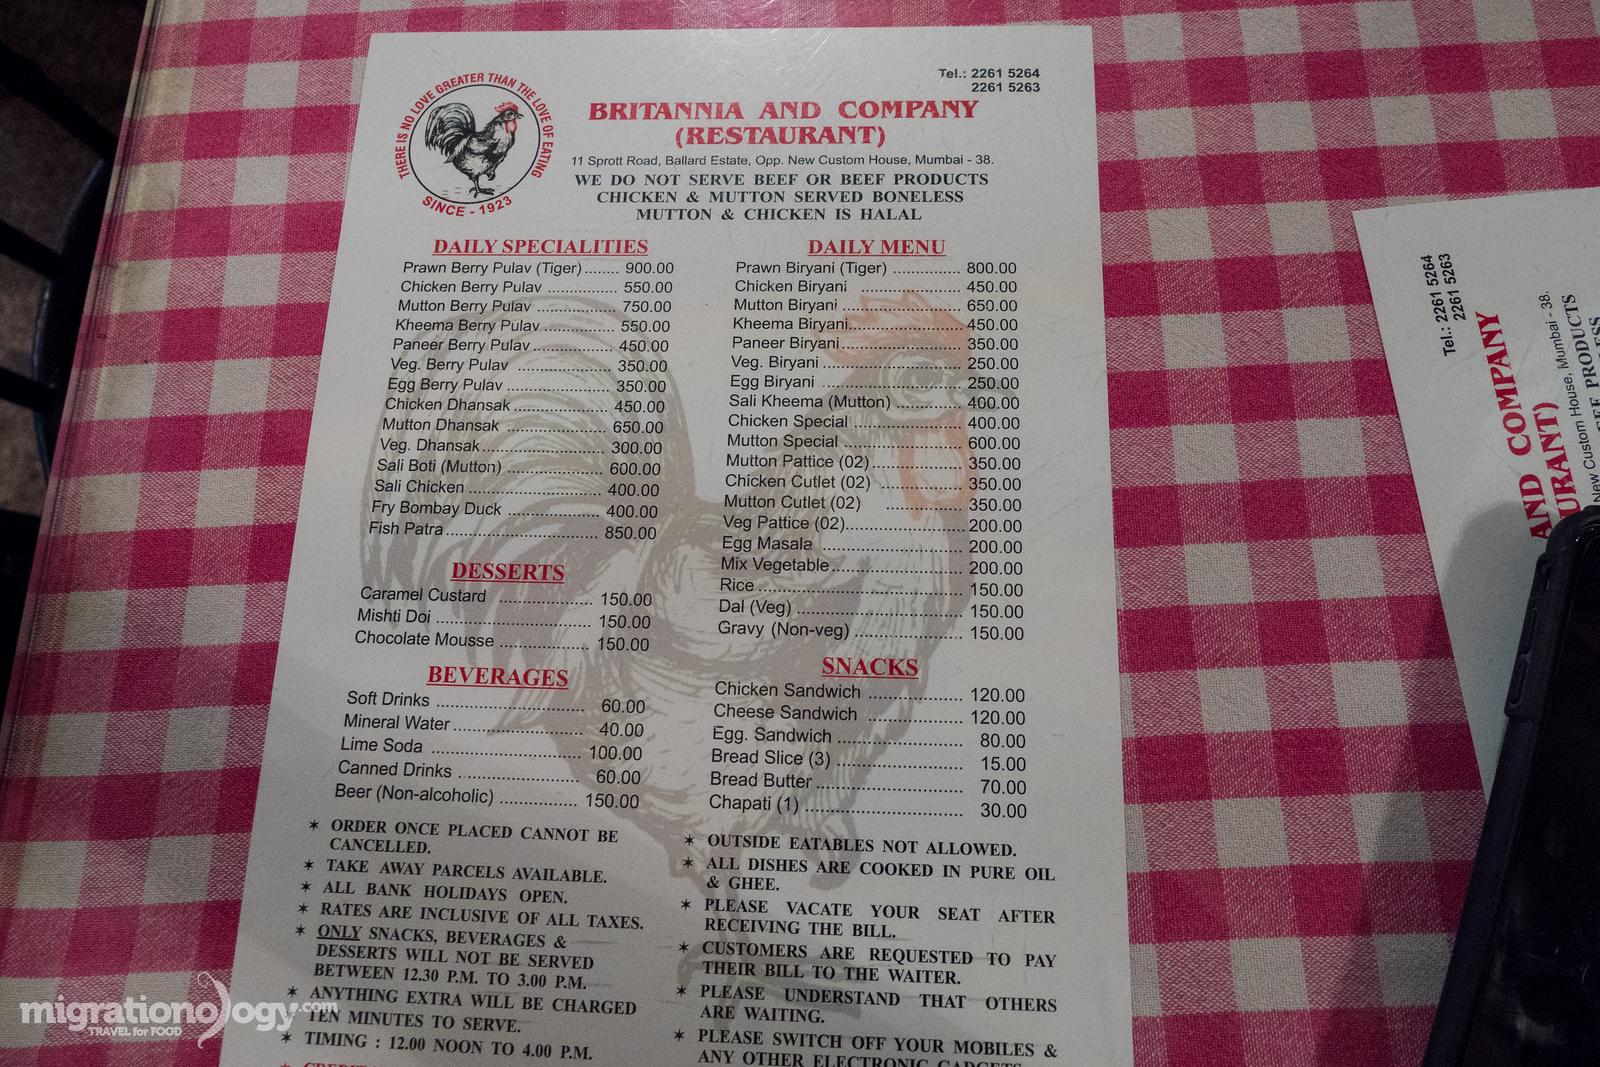 Britannia & Co. Restaurant menu